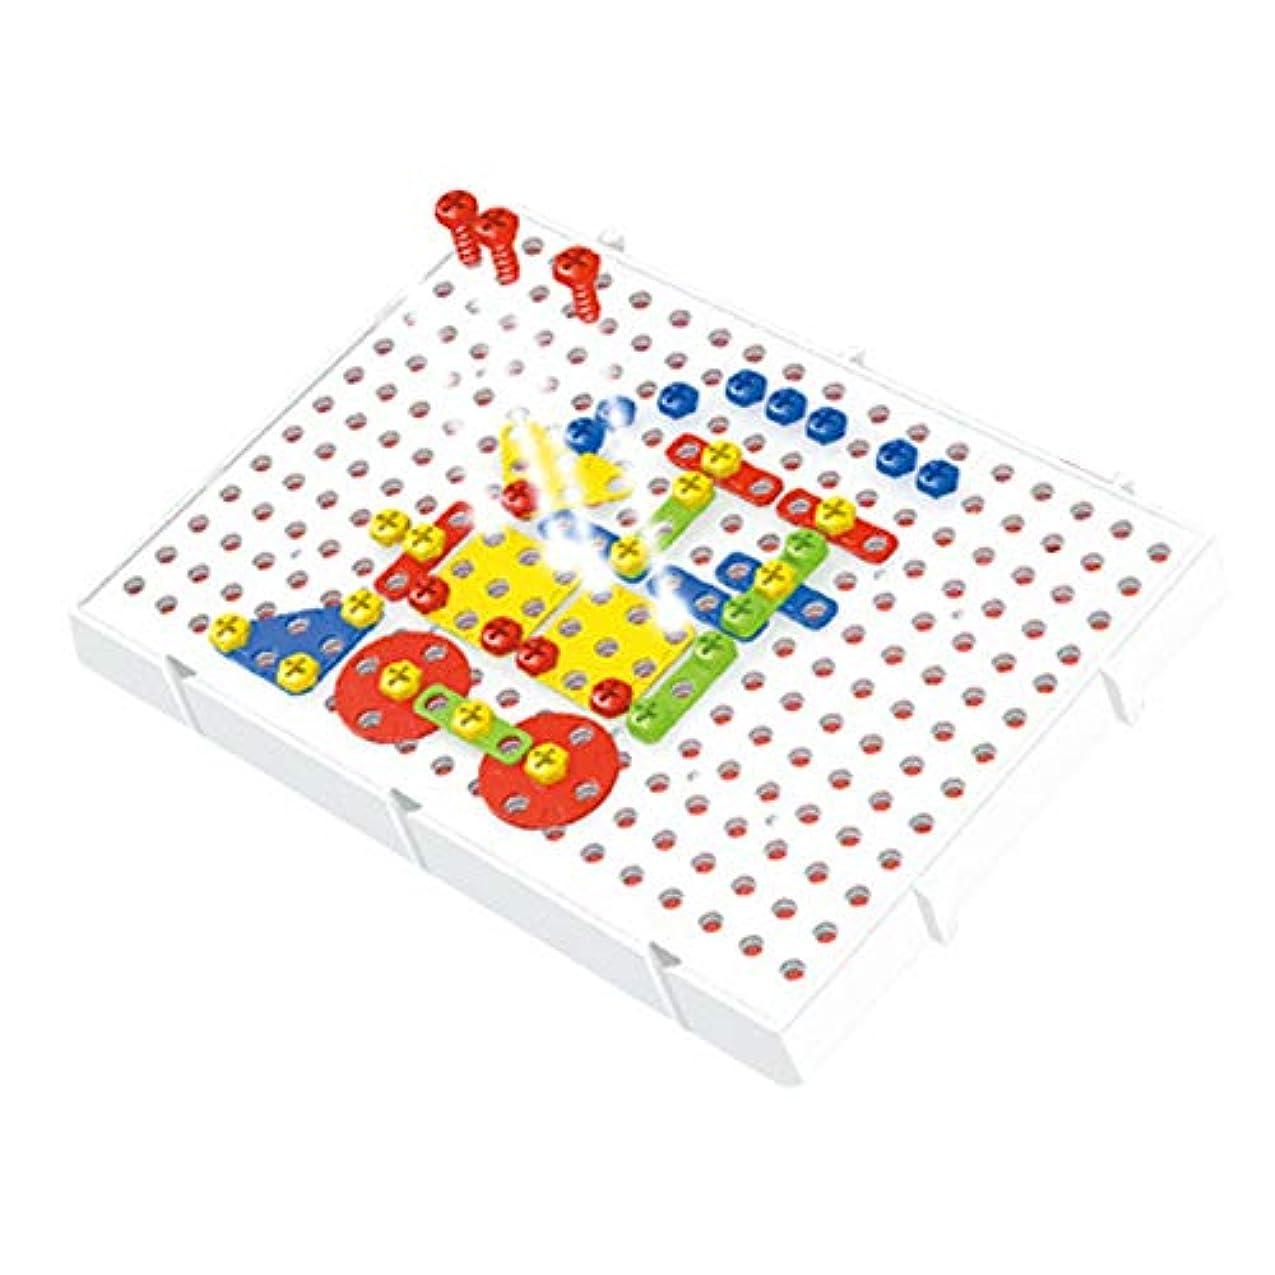 ペチュランス入場料砲兵hownnery 78pcsキッズスクリューパズルゲームおもちゃ知的訓練教育親子プレイ